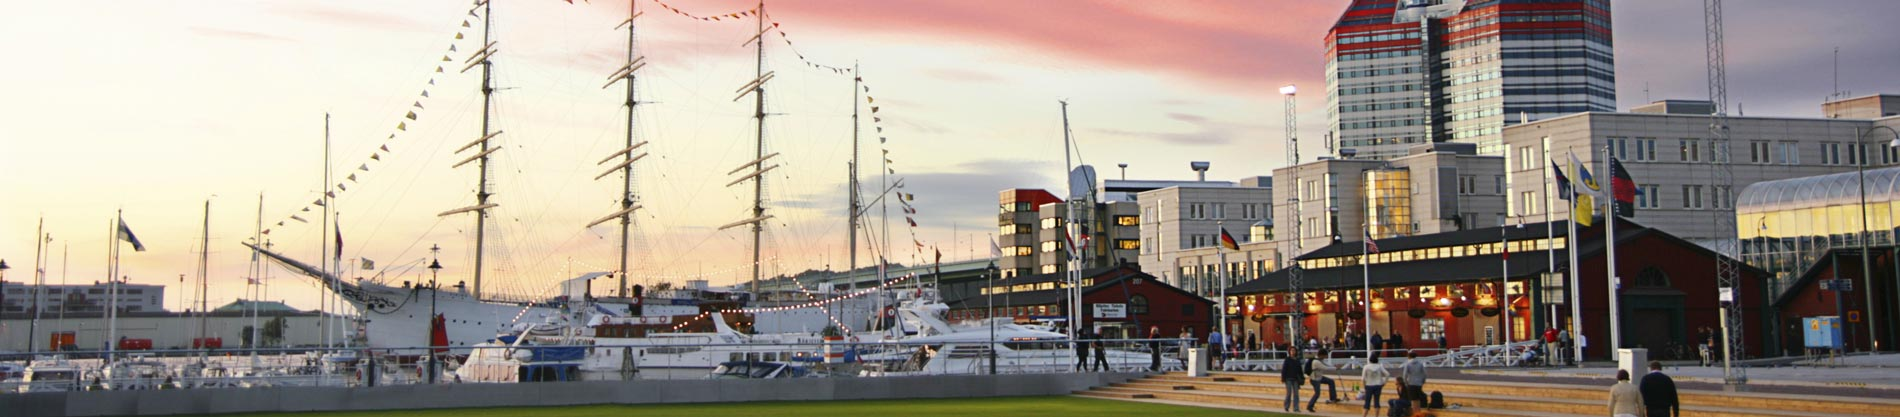 Cheap Flights To Gothenburg Got